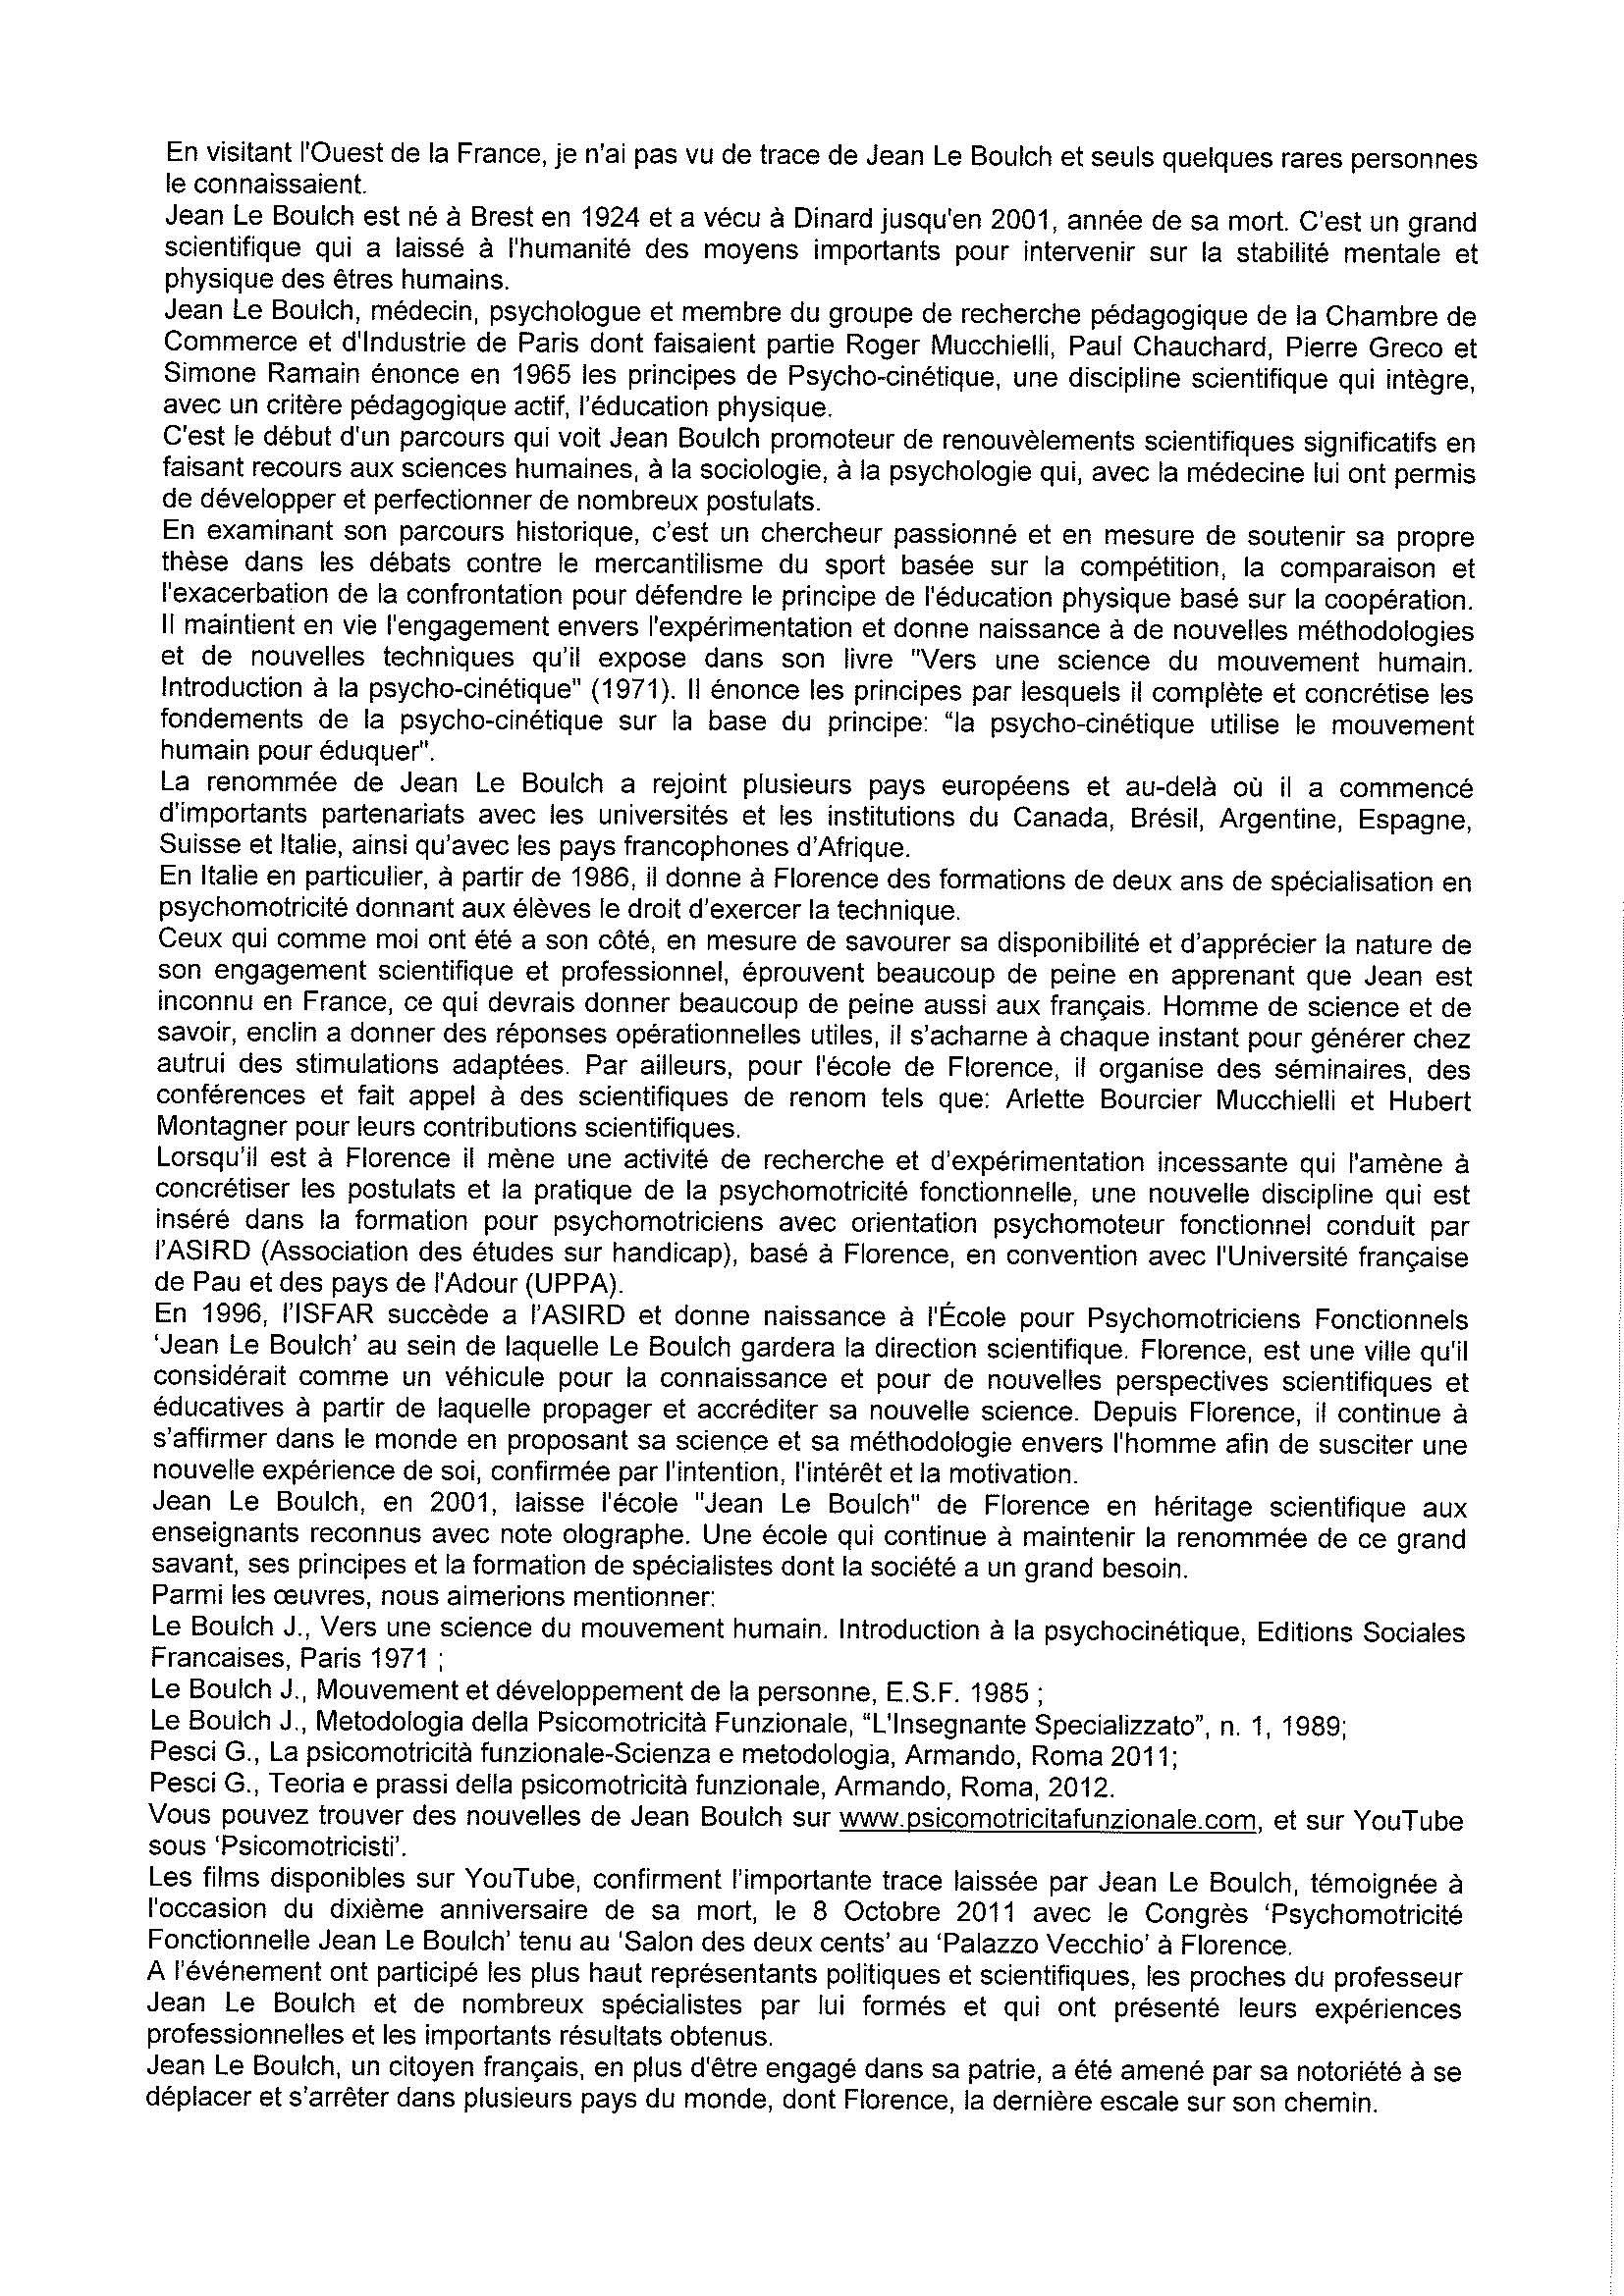 LETTRE A LE TELEGRAMME DE BREST_Pagina_2